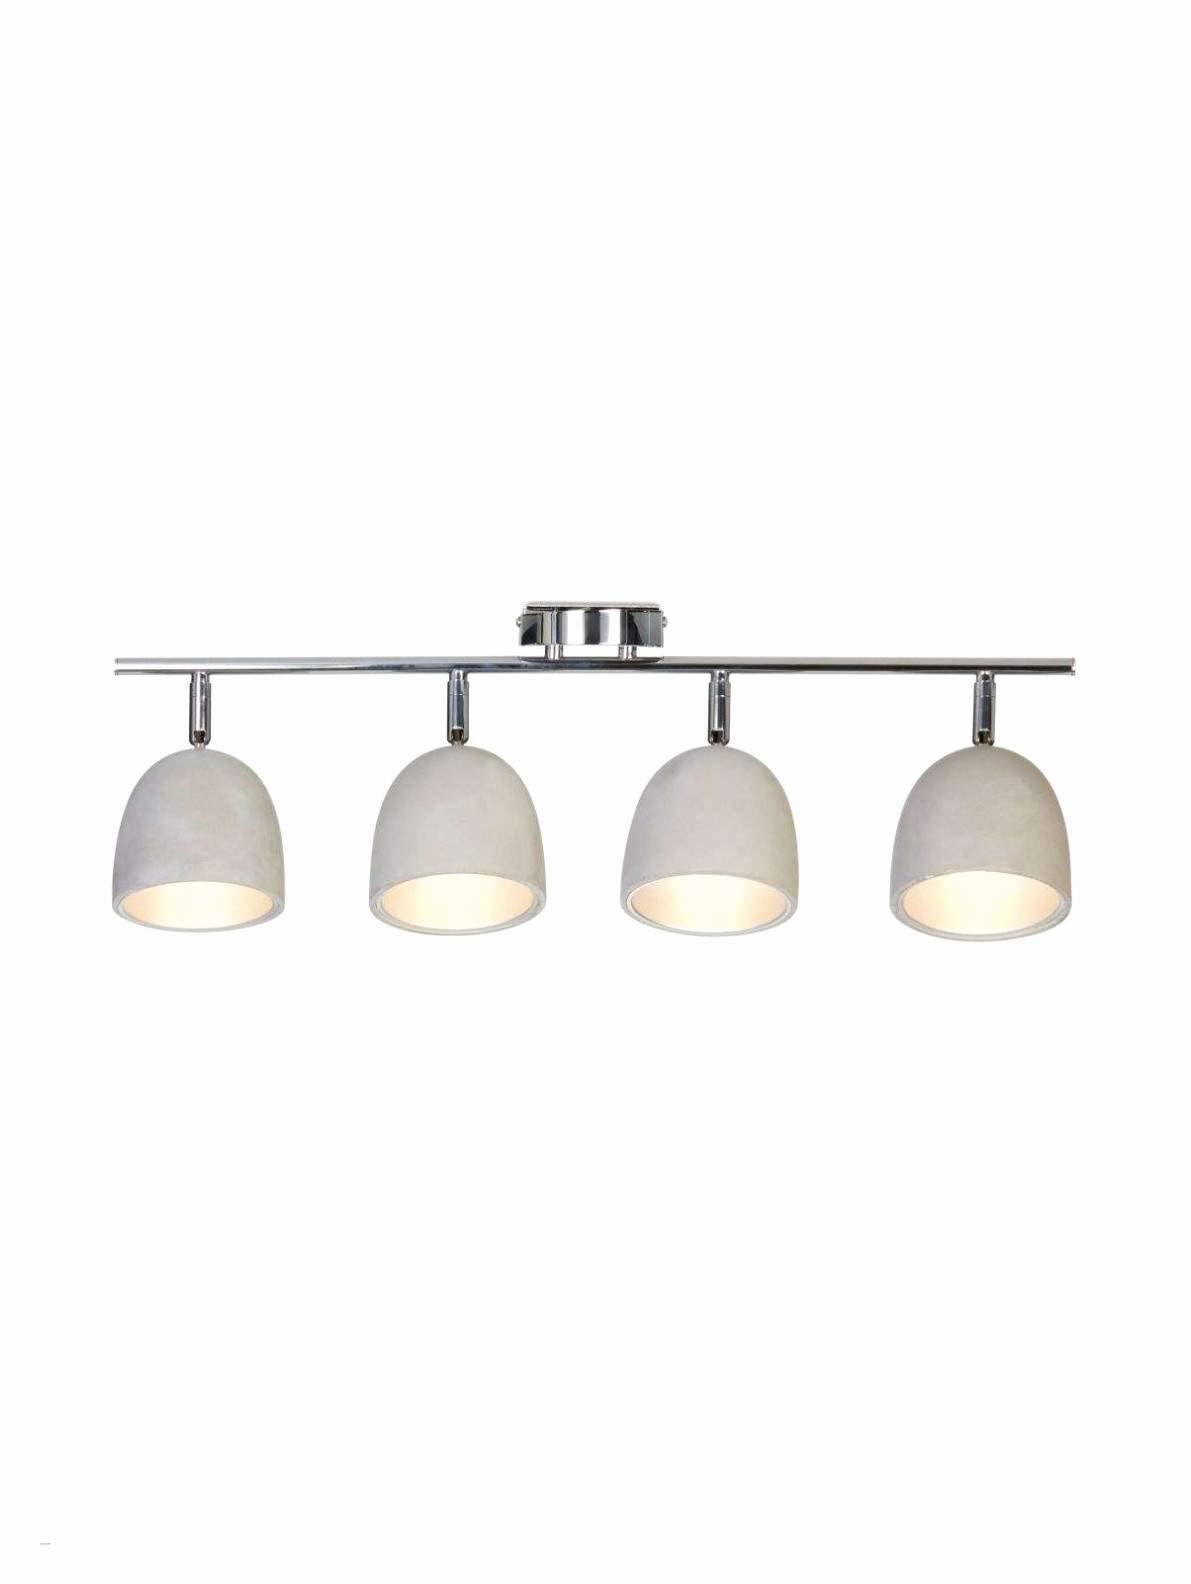 Full Size of Tischlampe Wohnzimmer Tiwohnzimmer Inspirierend Frisch Lampe Modern Deckenleuchte Schrank Schrankwand Hängeleuchte Stehleuchte Lampen Led Wandbilder Kommode Wohnzimmer Tischlampe Wohnzimmer